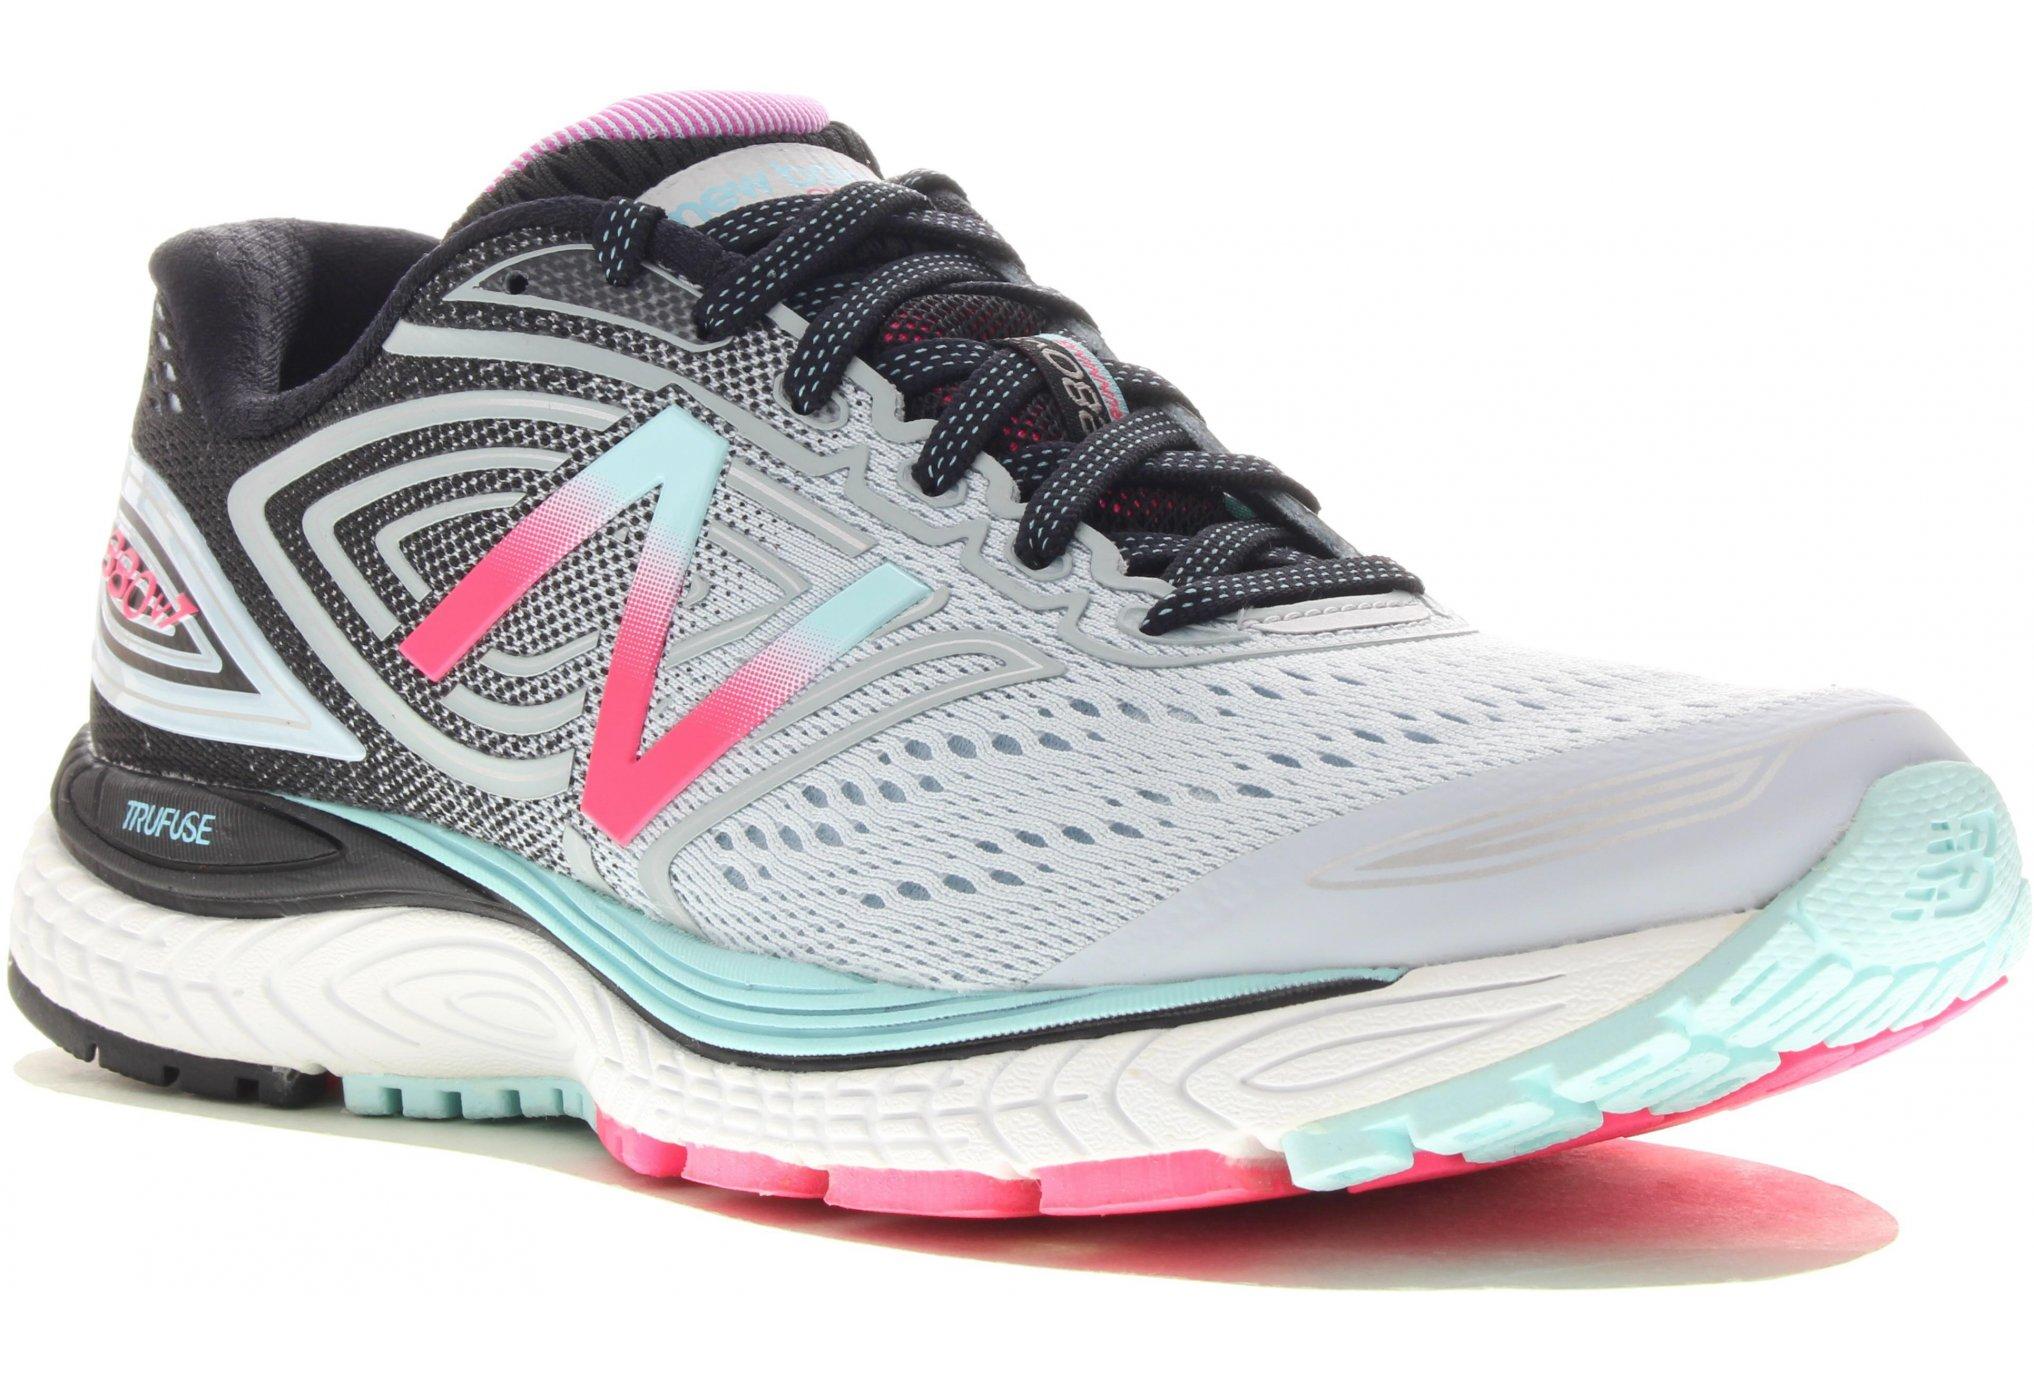 B Resathlon W V7 880 New Femme Chaussures Balance Running qRzRSPxw6